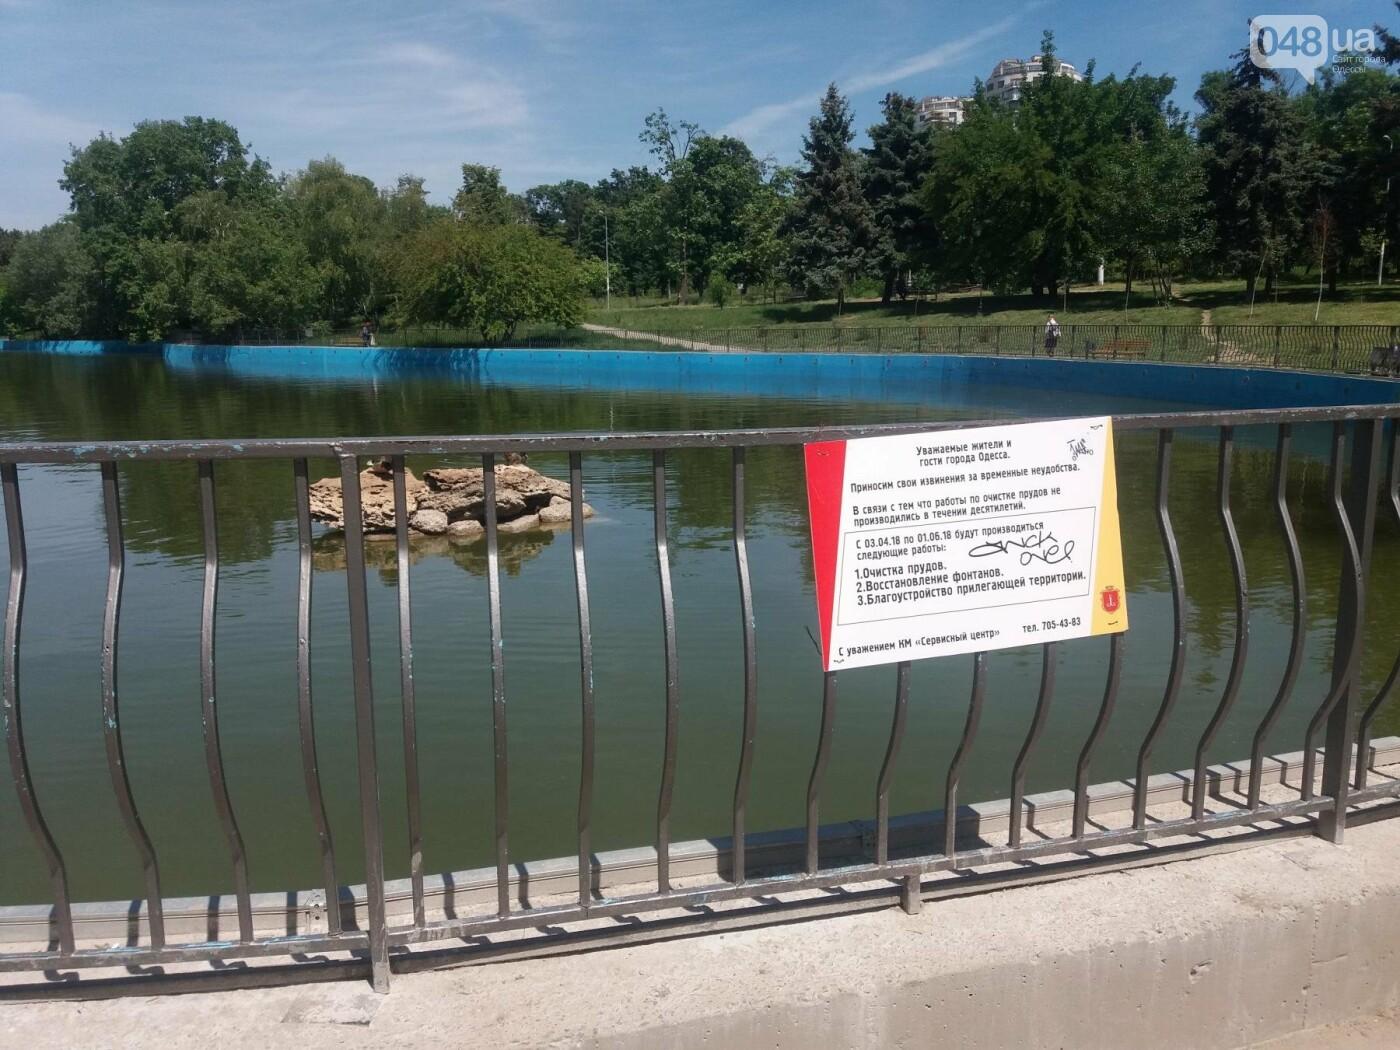 В Одесском парке заполняют водой очищенный пруд и устанавливают «сказочные лилии», - ФОТО, ВИДЕО , фото-5